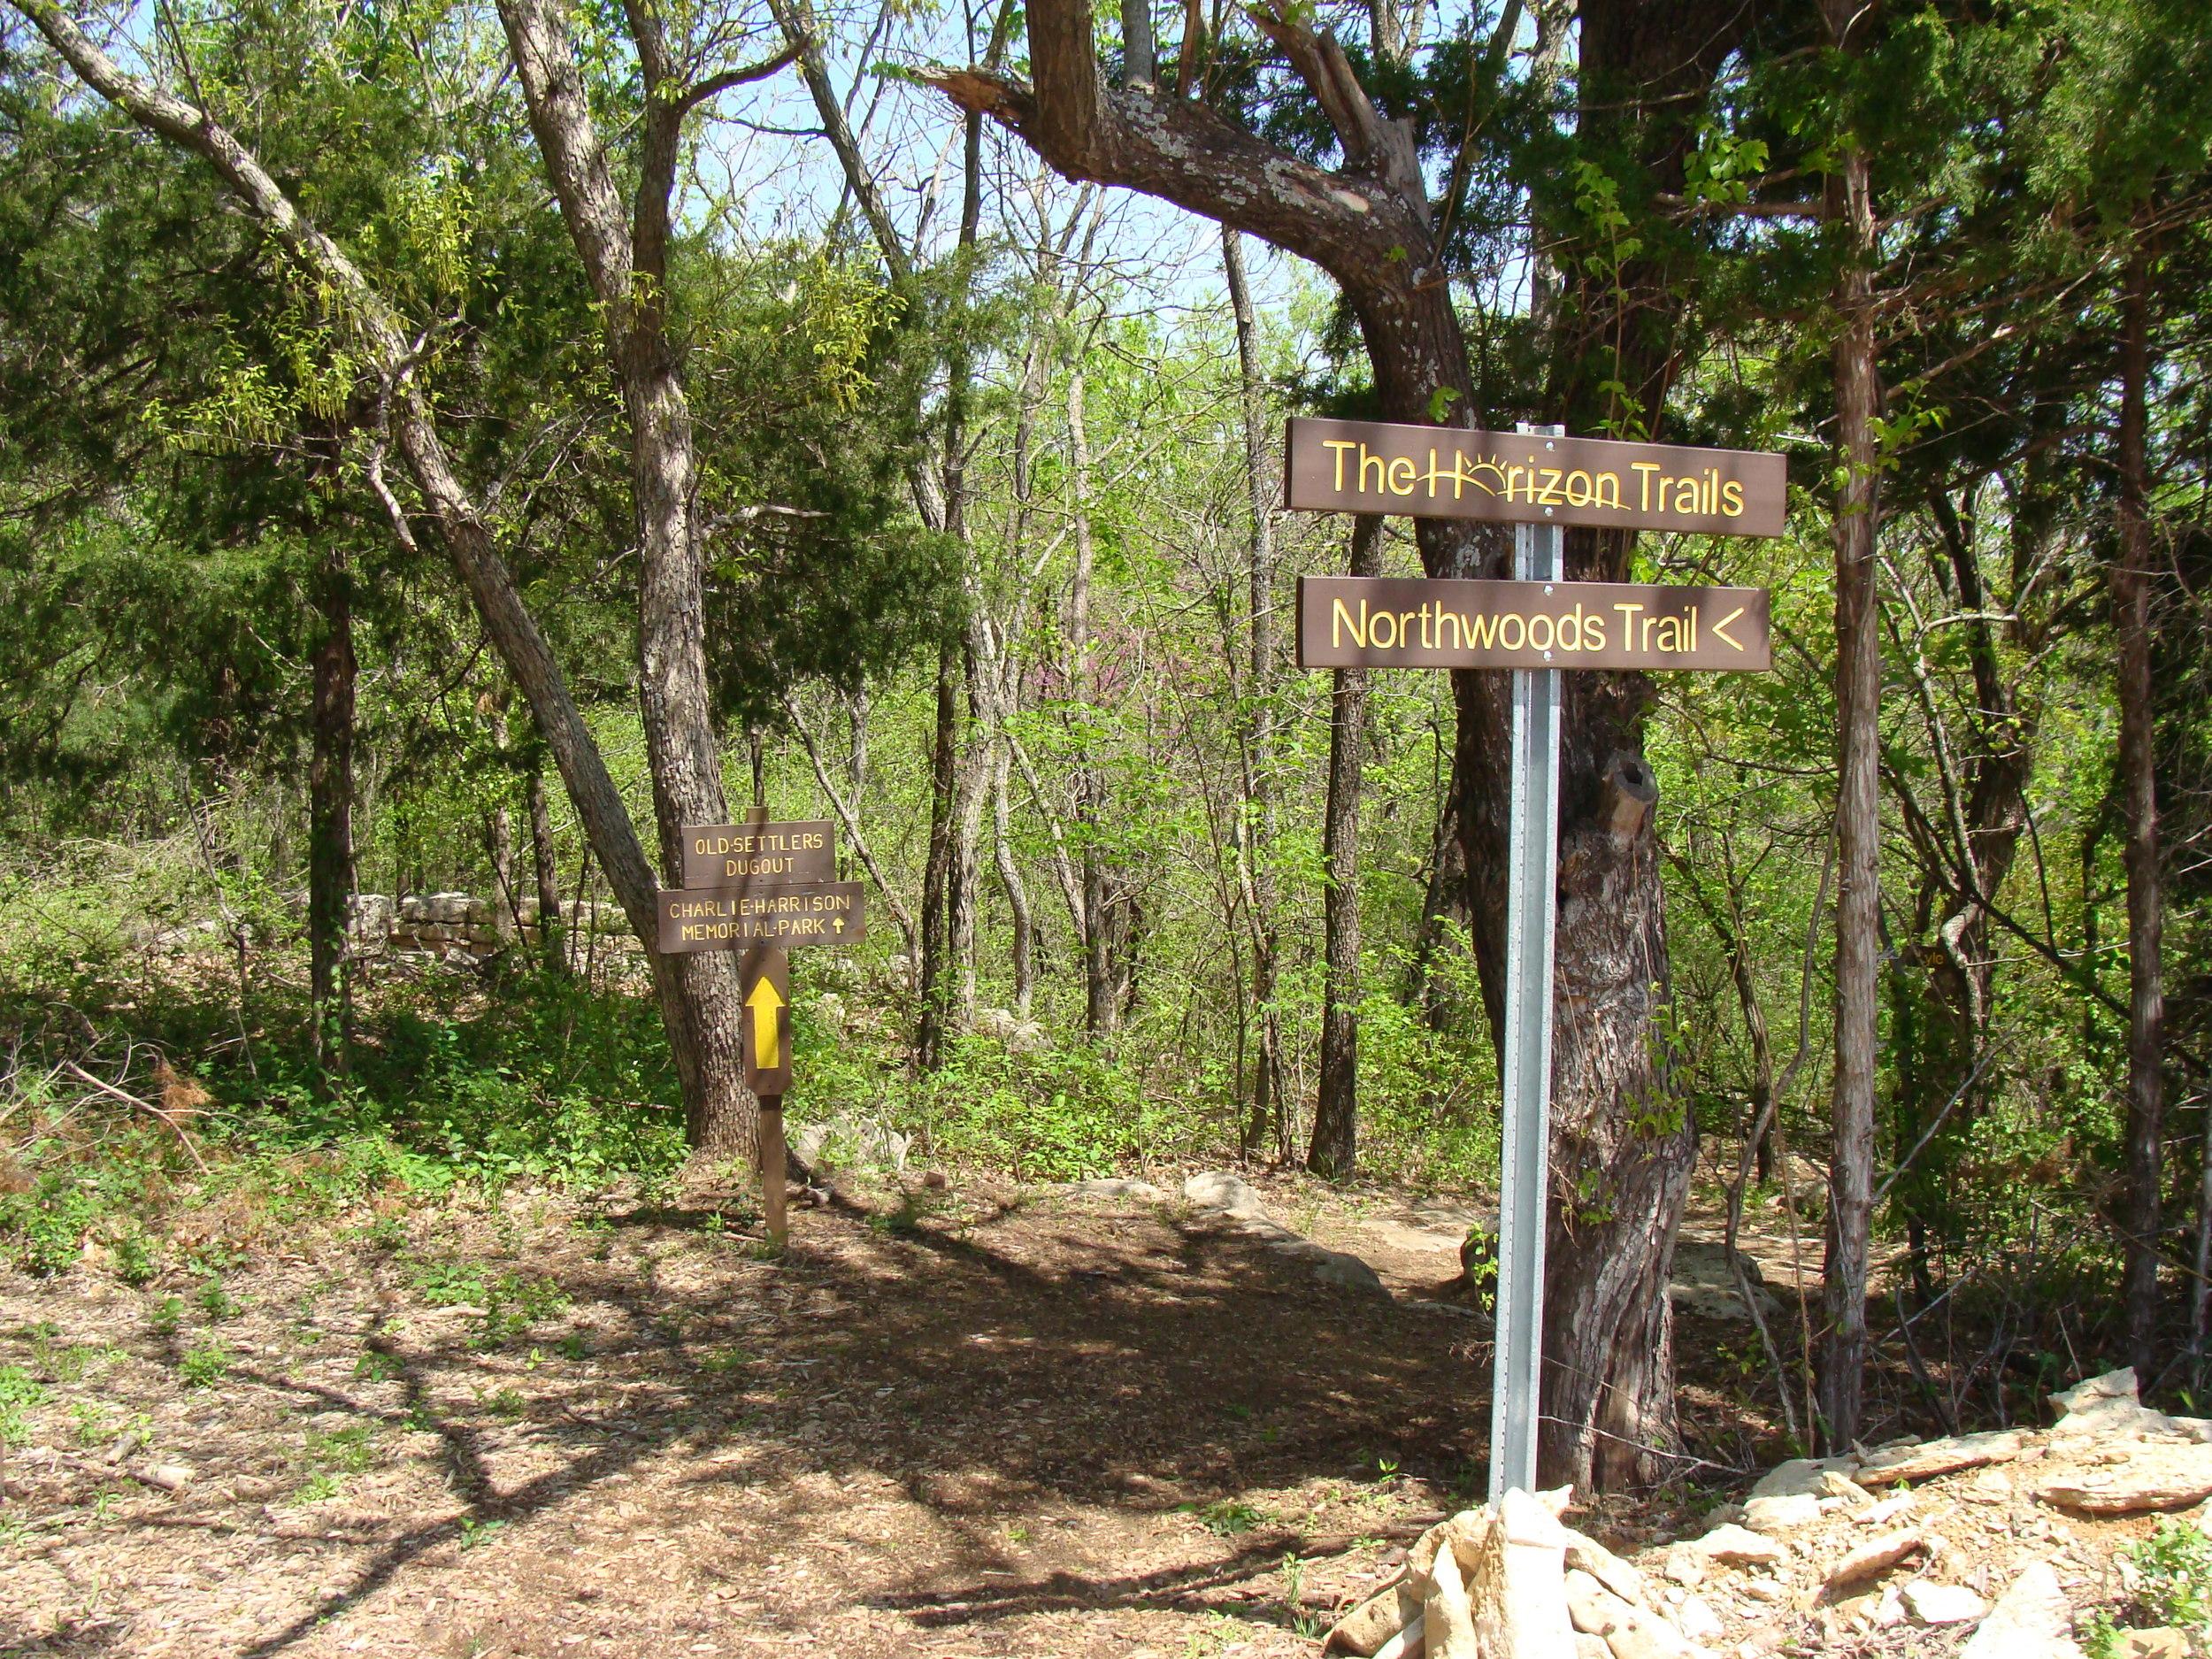 Horizon Trails